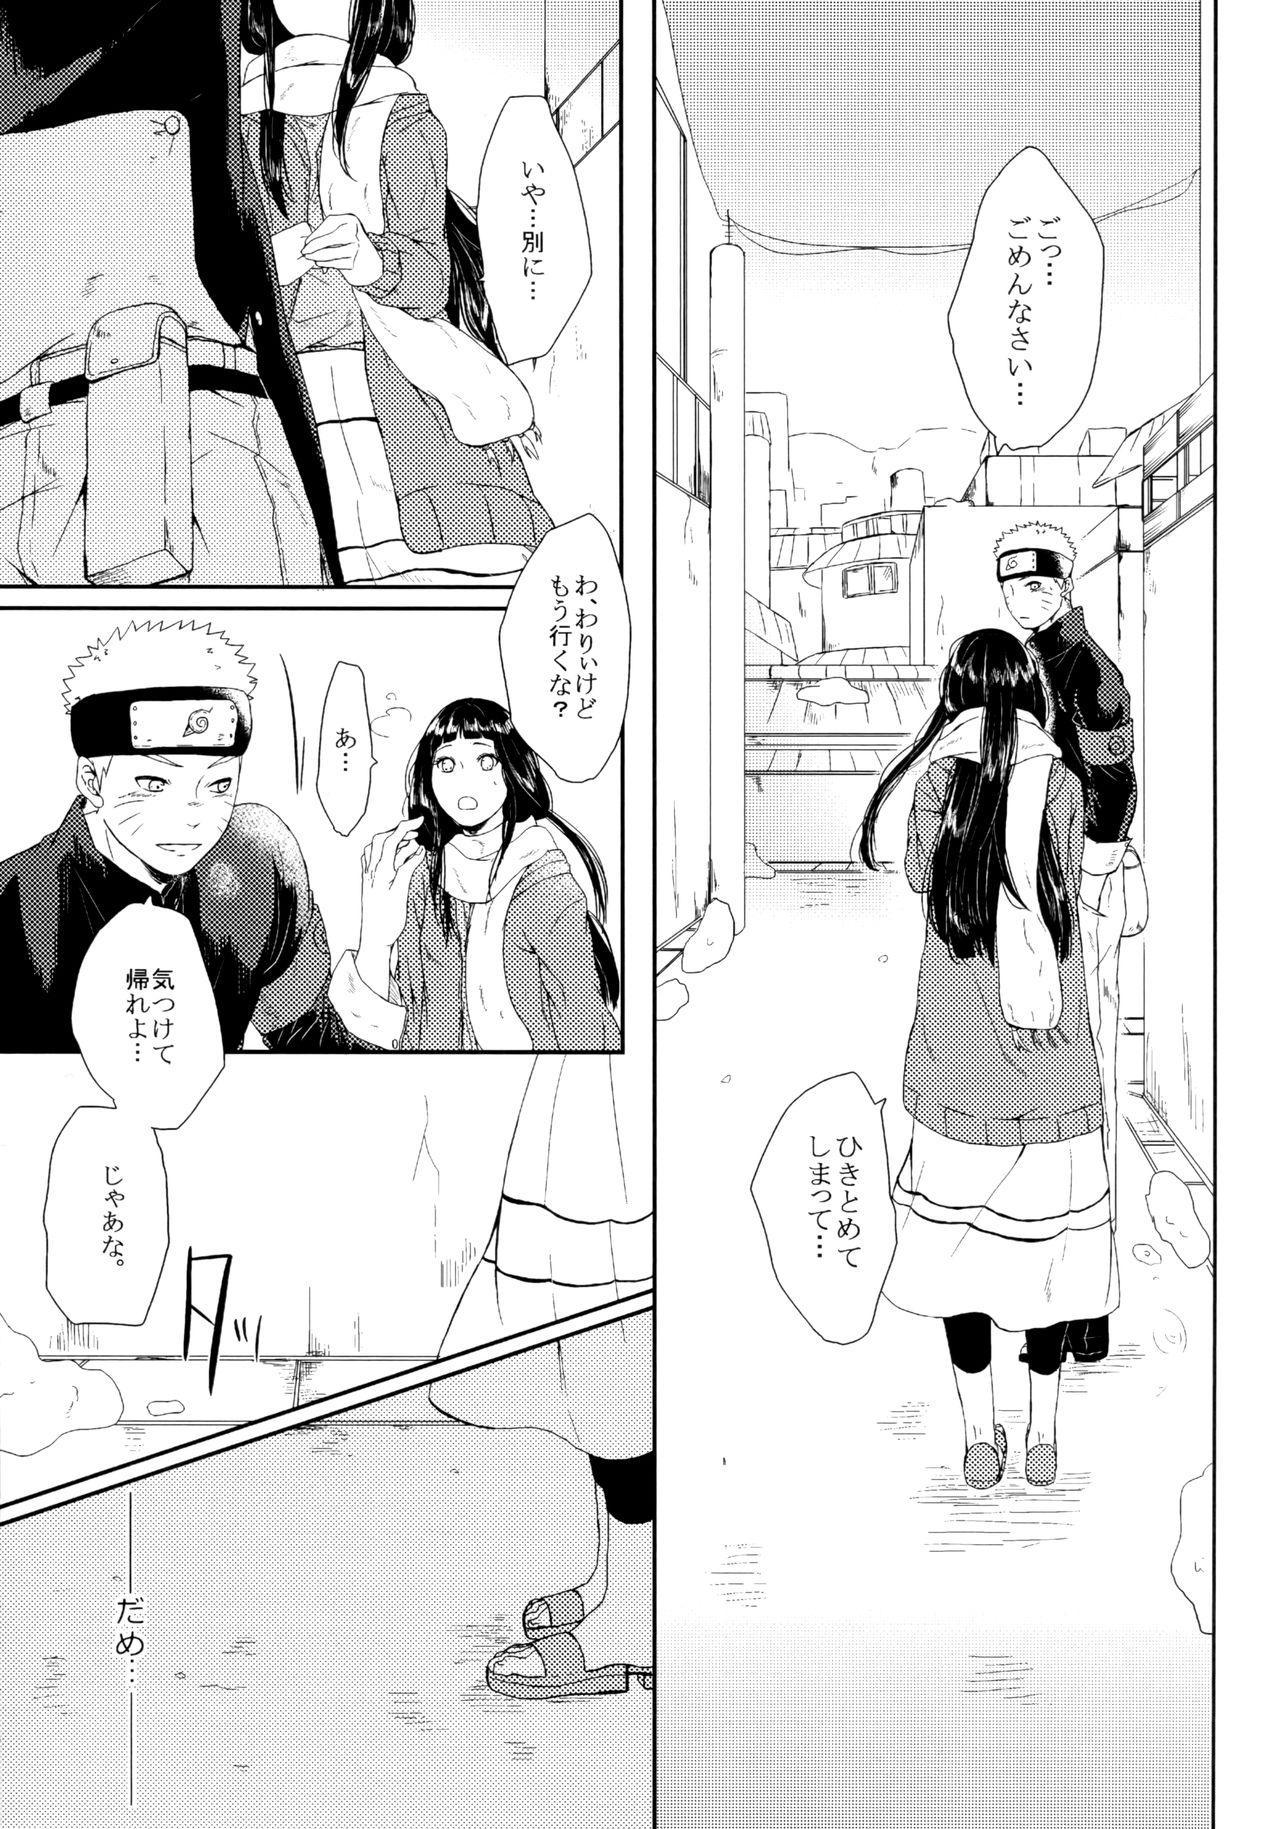 Fuyuiro Memories - Winter Color Memories 113